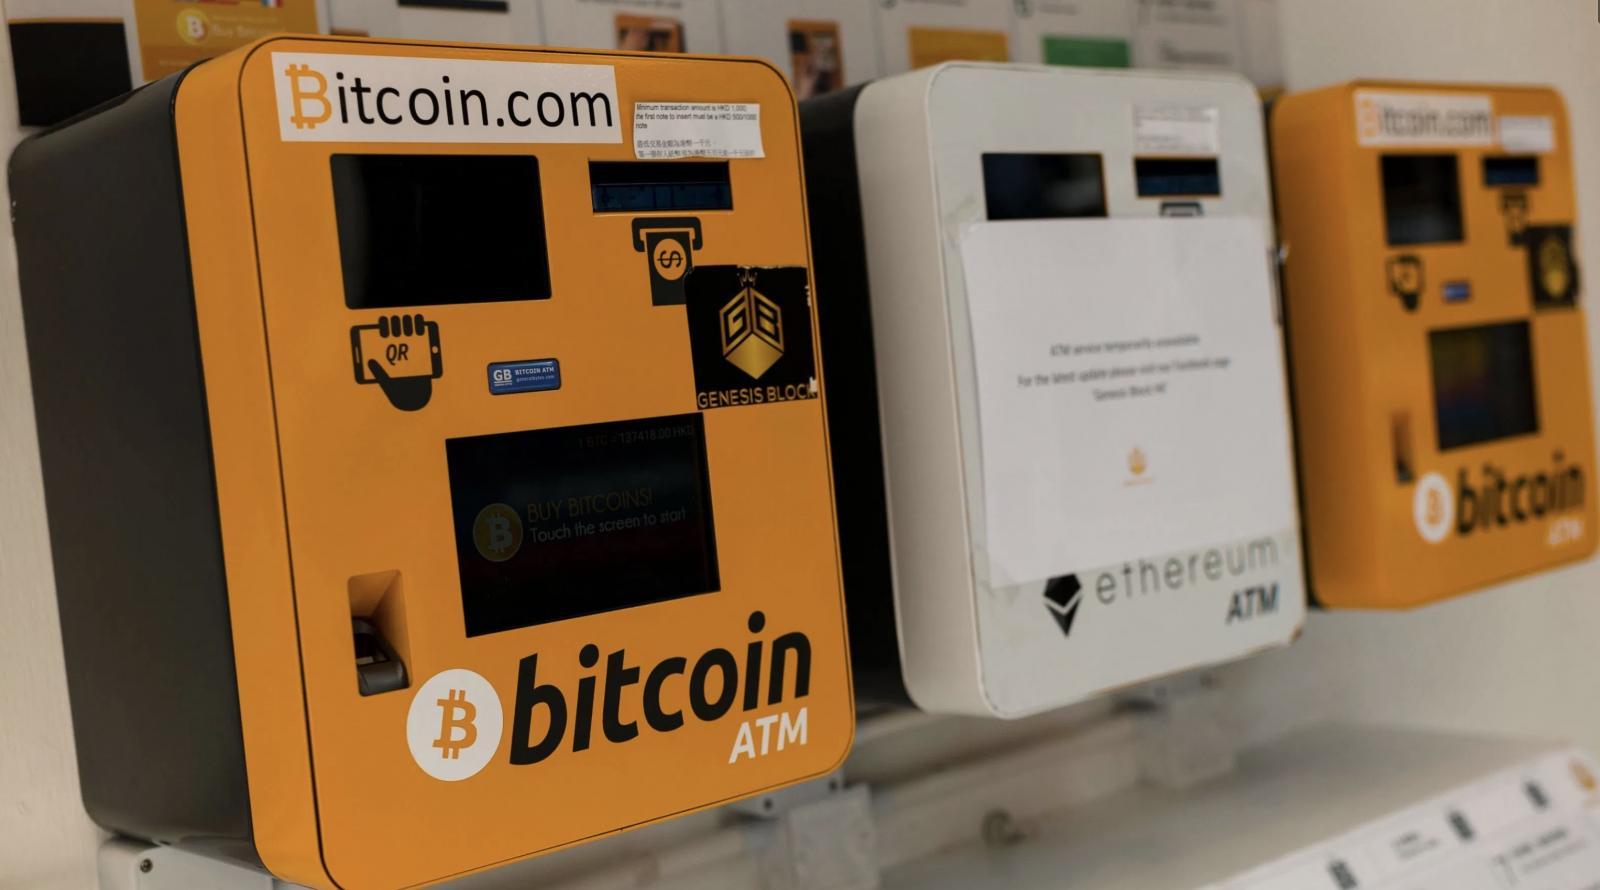 unico ATM Bancomat Bitcoin cinese che fine ha fatto - L'unico ATM Bancomat Bitcoin cinese: che fine ha fatto?